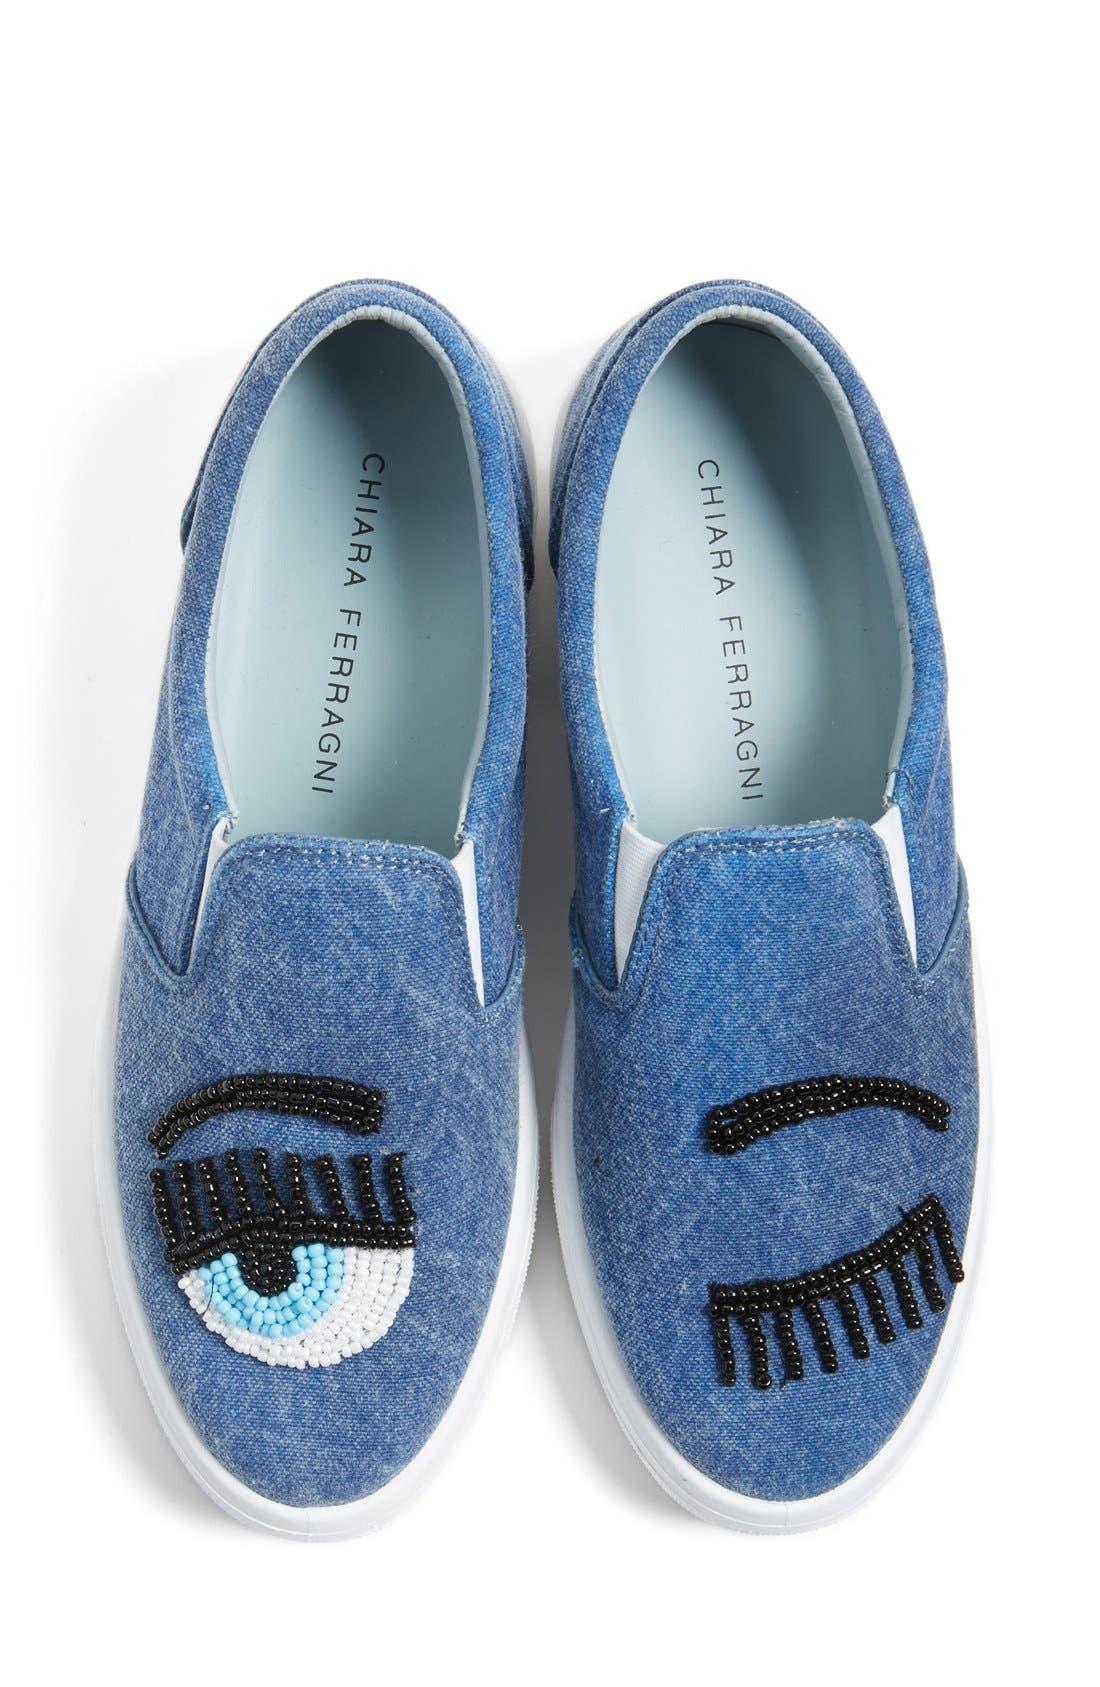 Main Image - Chiara Ferragni Flirting Beaded Slip-On Sneaker (Women)